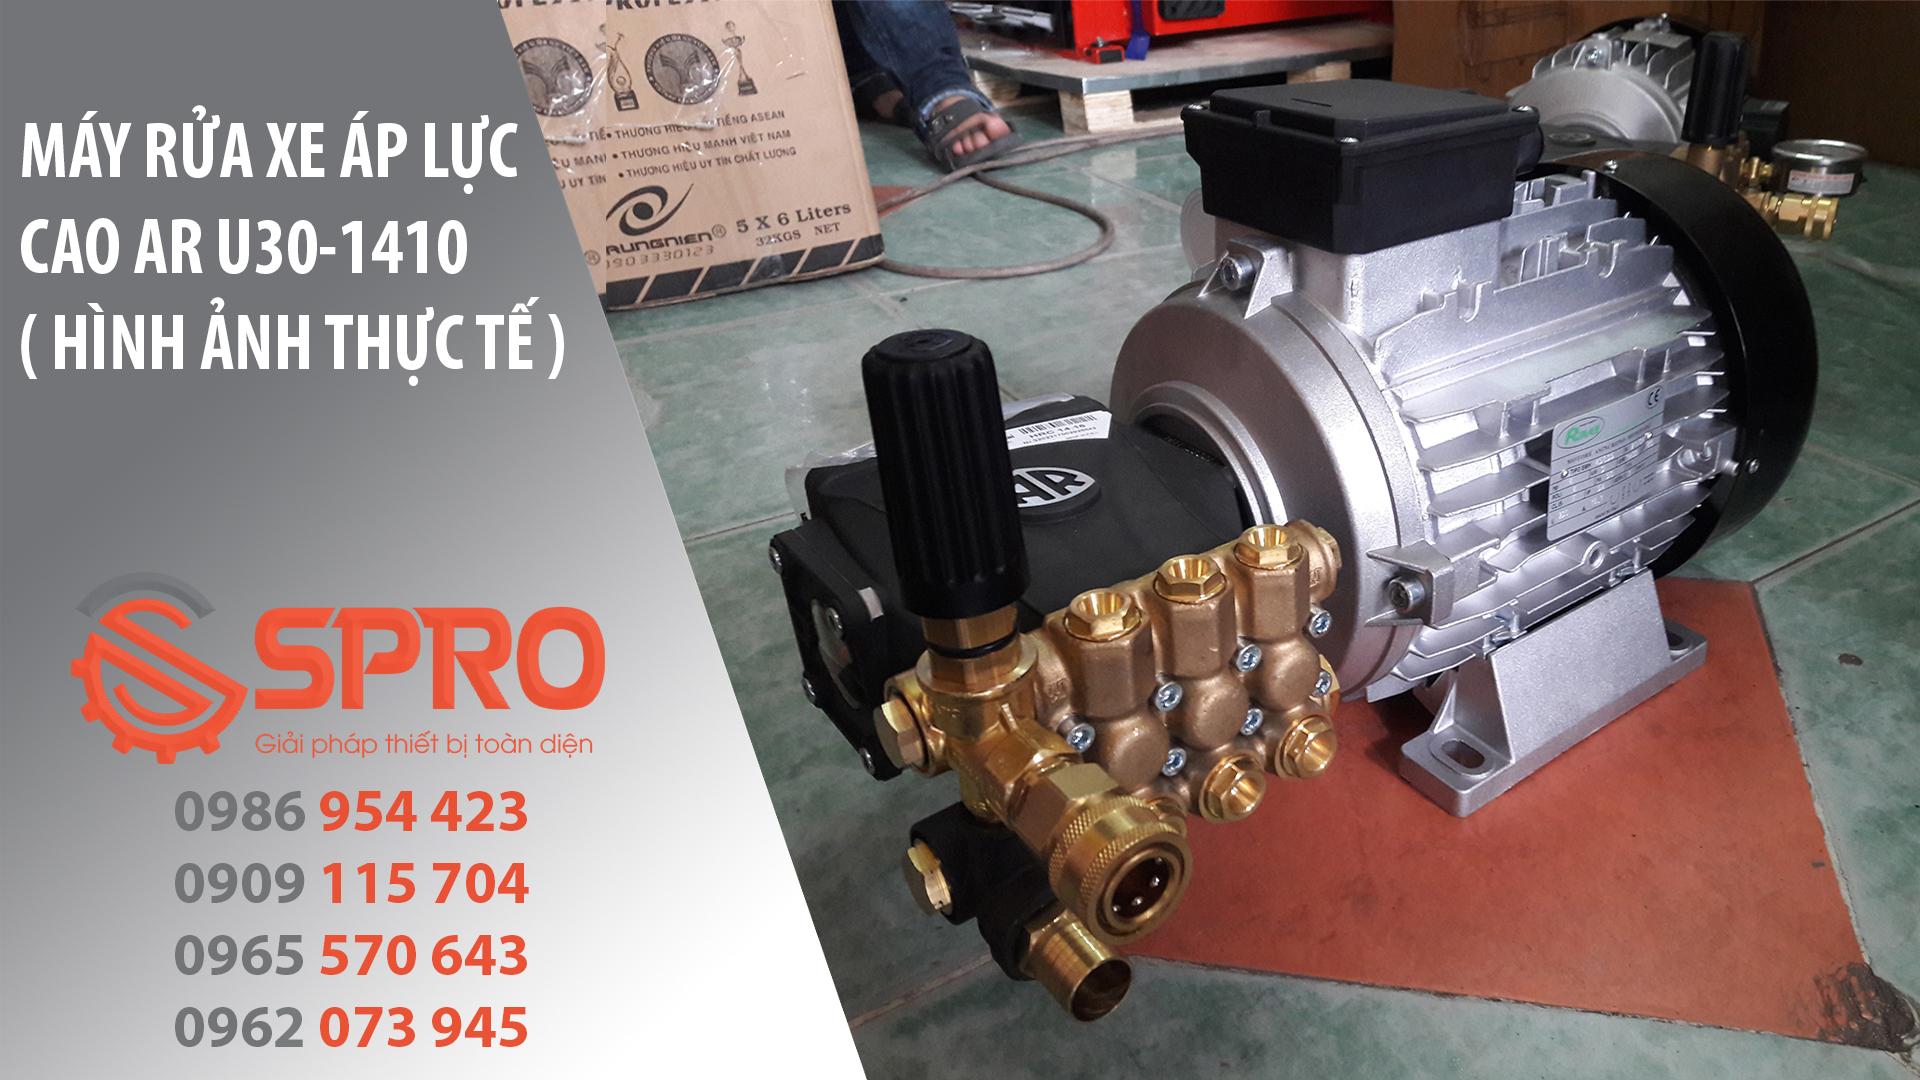 máy rửa xe áp lực cao AR U30-1410